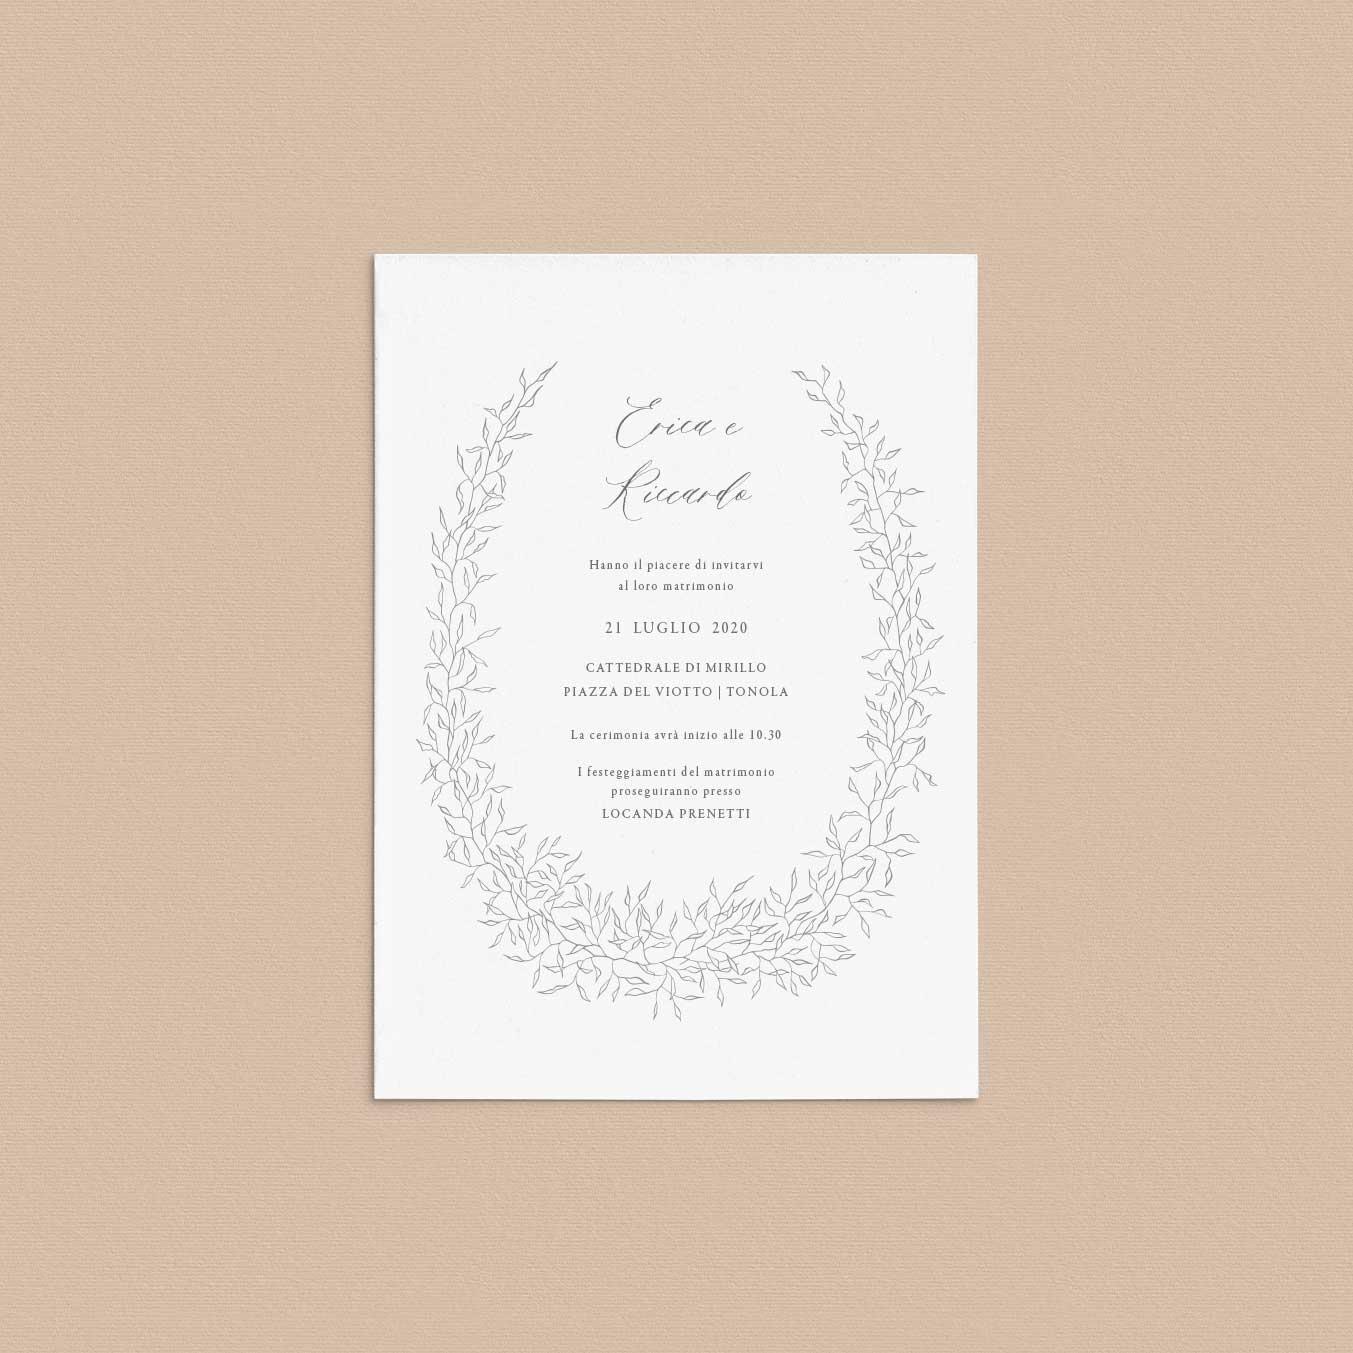 Partecipazioni-matrimonio-inviti-nozze-fiori-ghirlanda-ghirlande-fiore-natura-verde-green-rustico